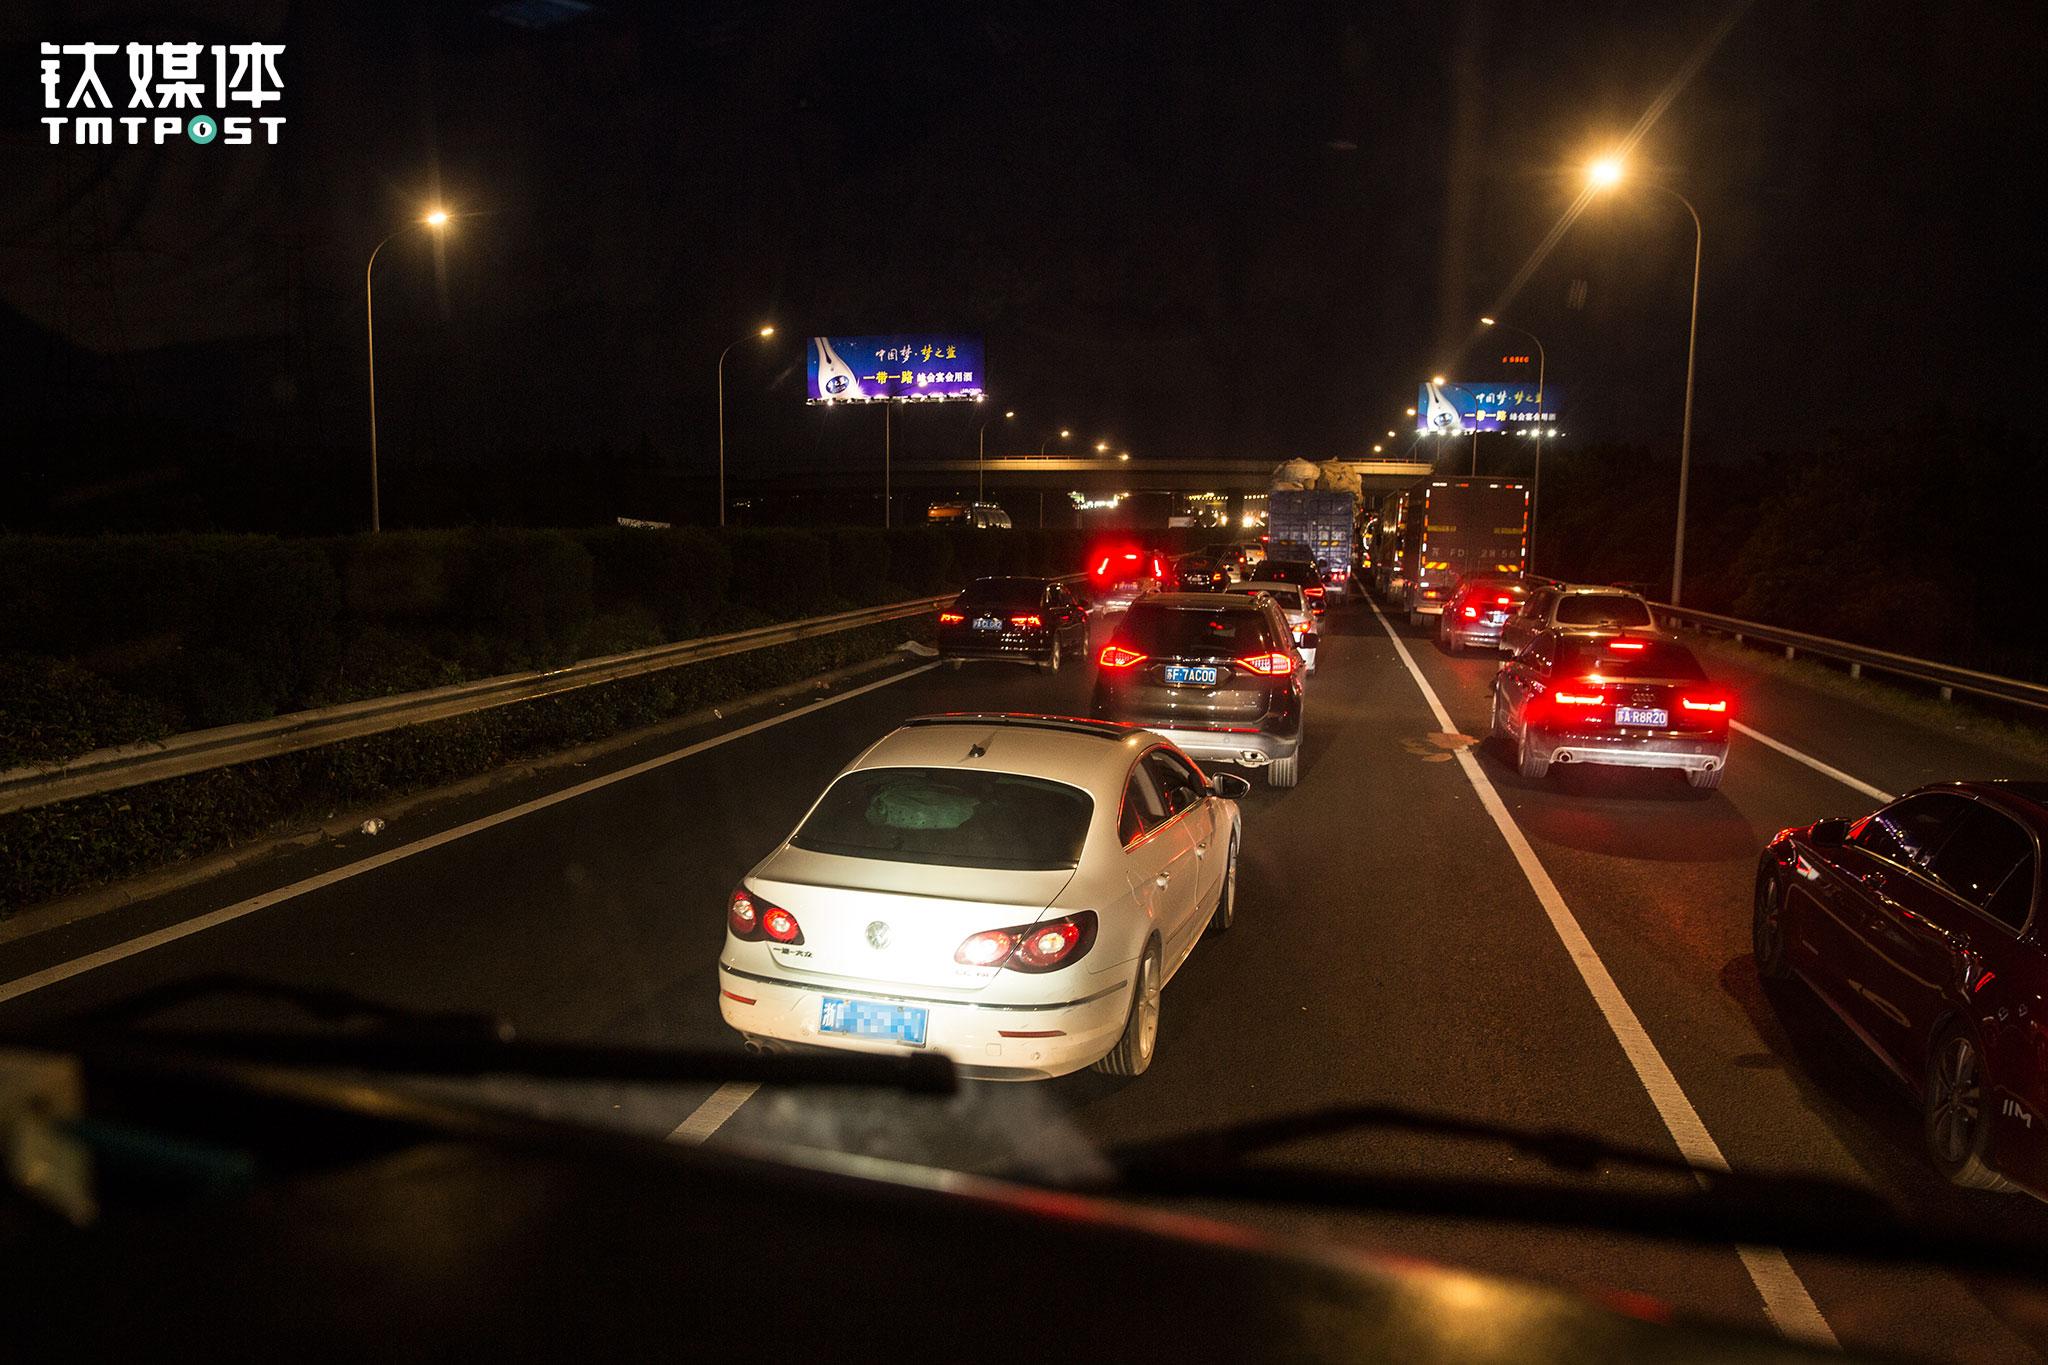 """在高速上金强最怕小车,遇上高速免费他一般都不上高速。""""有的小车司机乱别乱插,非常危险"""",金强的经验是,高速上大货车以正常80/90公里速度行驶,如果前方小车在一千米之内紧急刹车,都有危险,""""有的小车在高速上找出口会急刹车,我们车货总共40多吨,等看清楚再反应过来,都会有撞车和侧翻的危险。我认识一个司机,前面小车急刹车找出口,他大货车直接就骑到小车顶上,小车里当场死了3个人,非常惨烈,就去年的事""""。"""